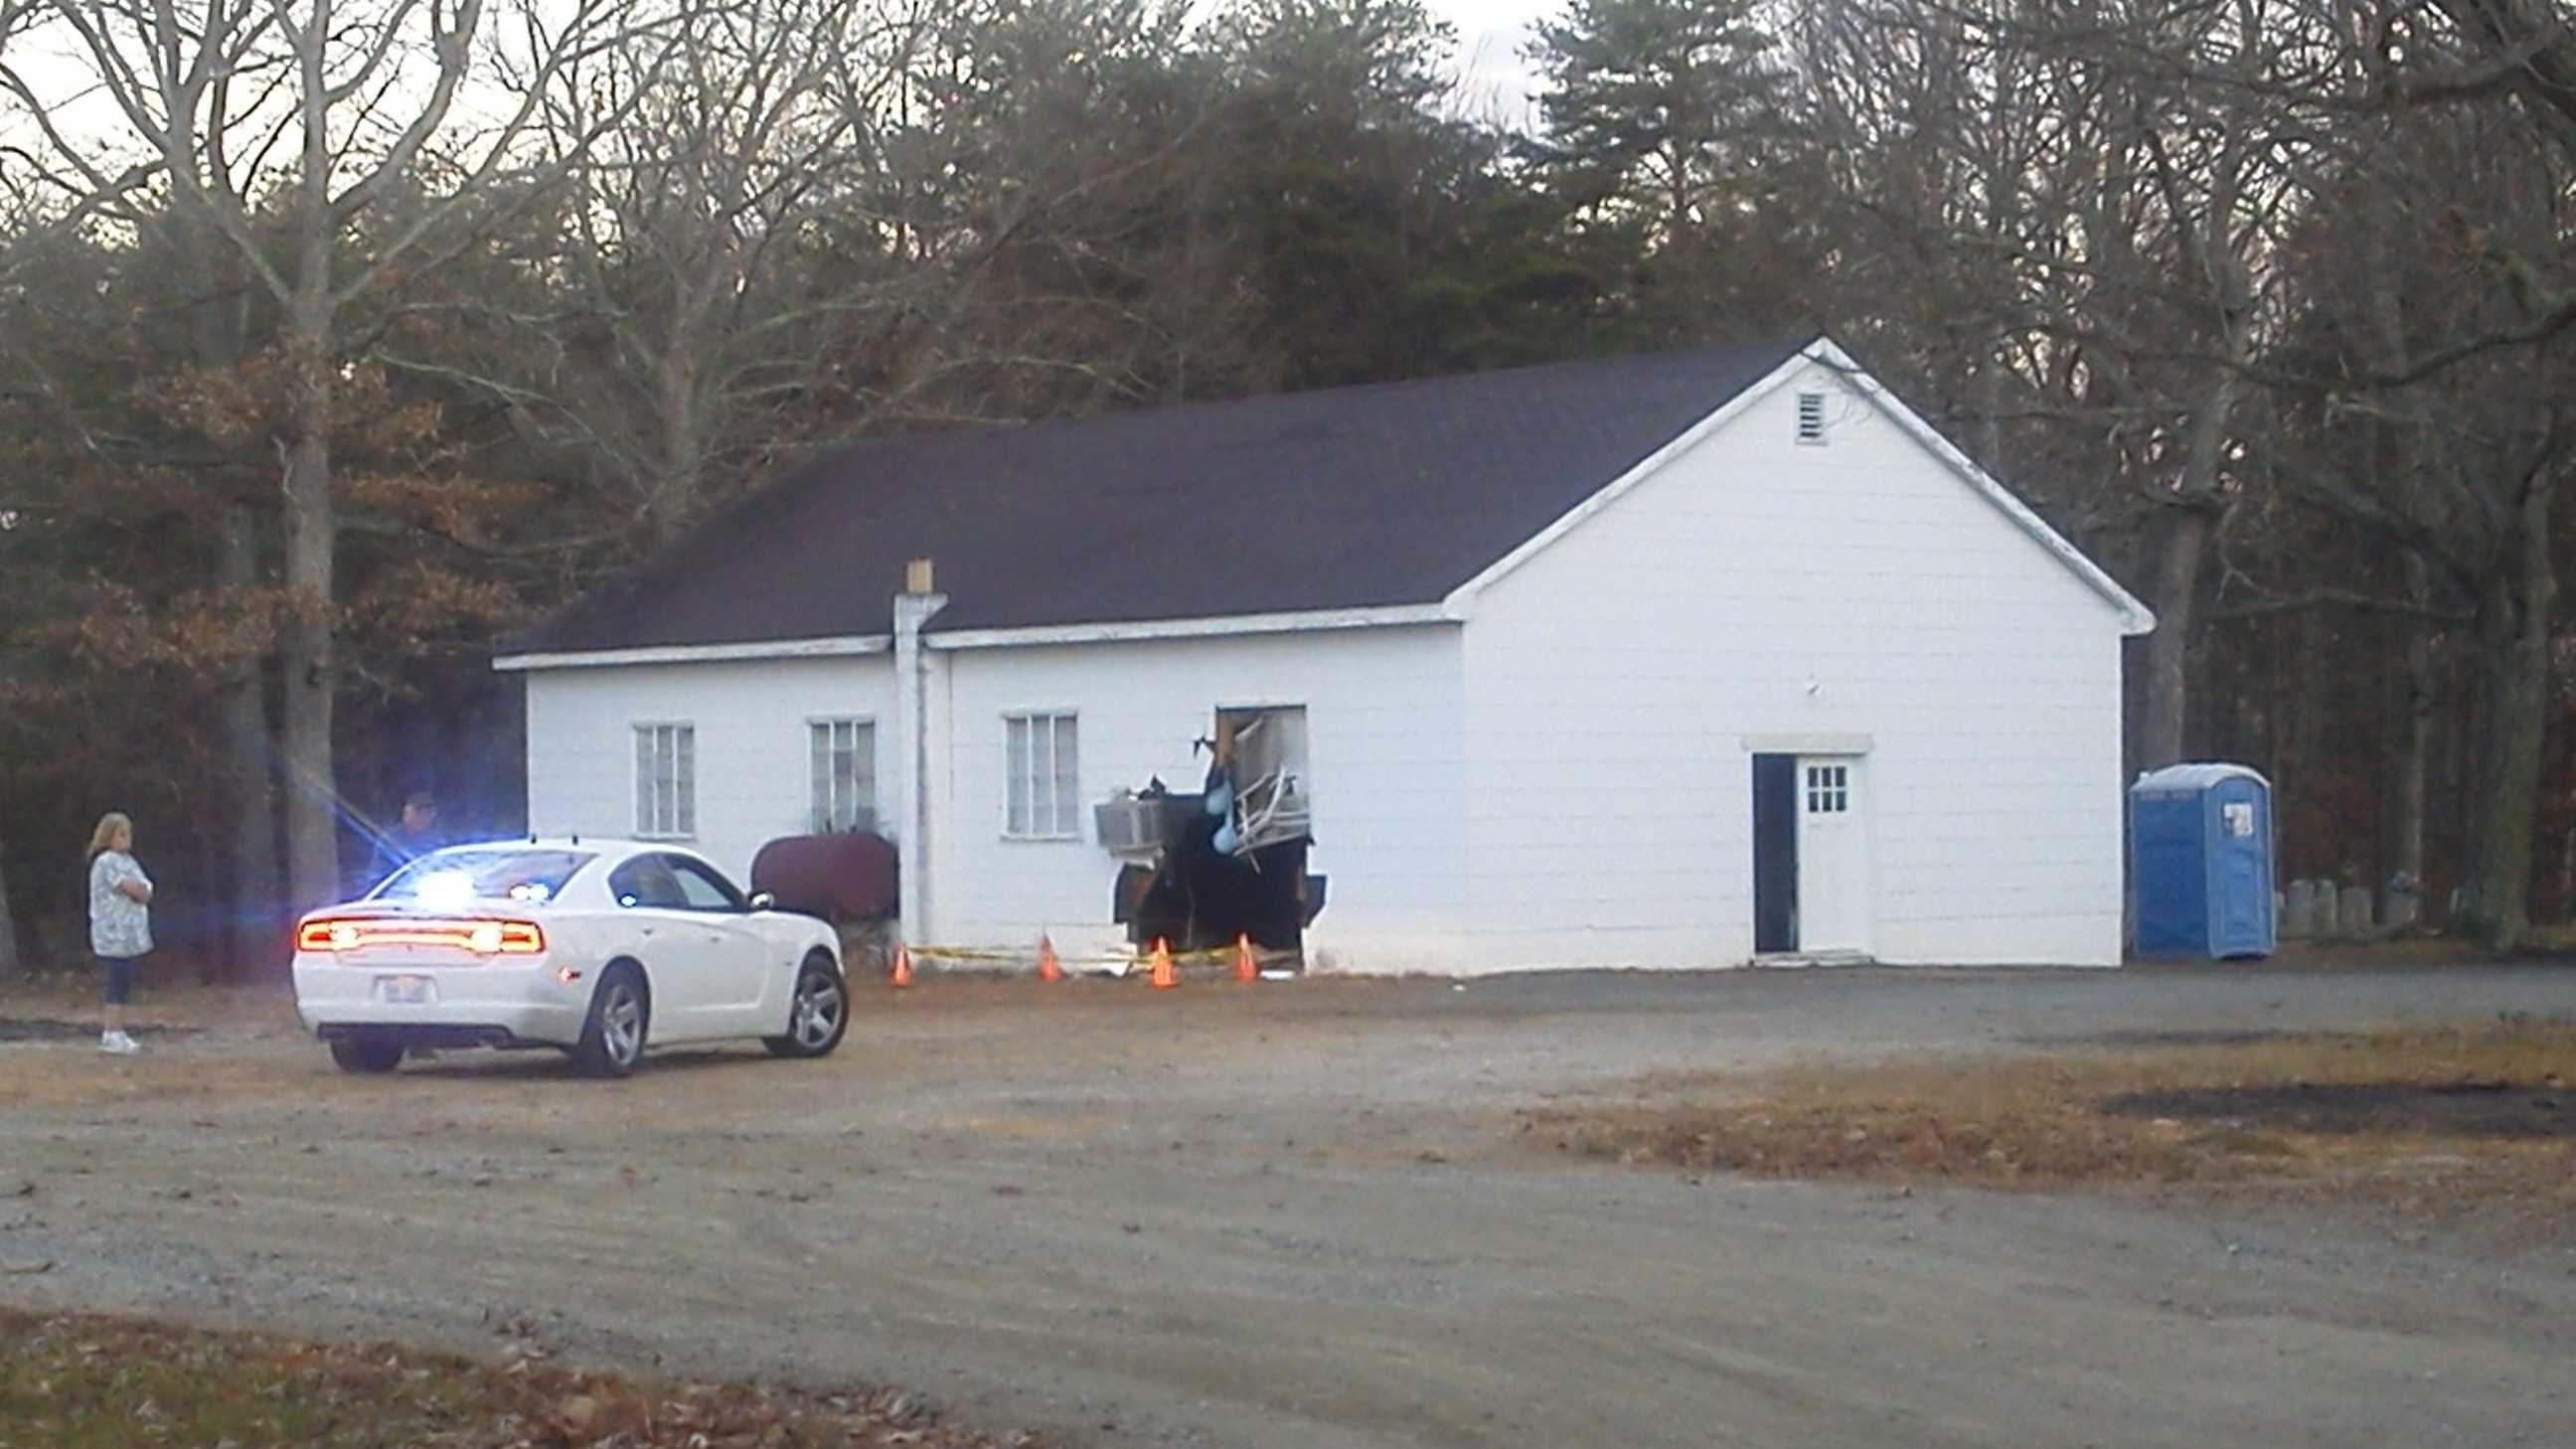 Car crashes into church building